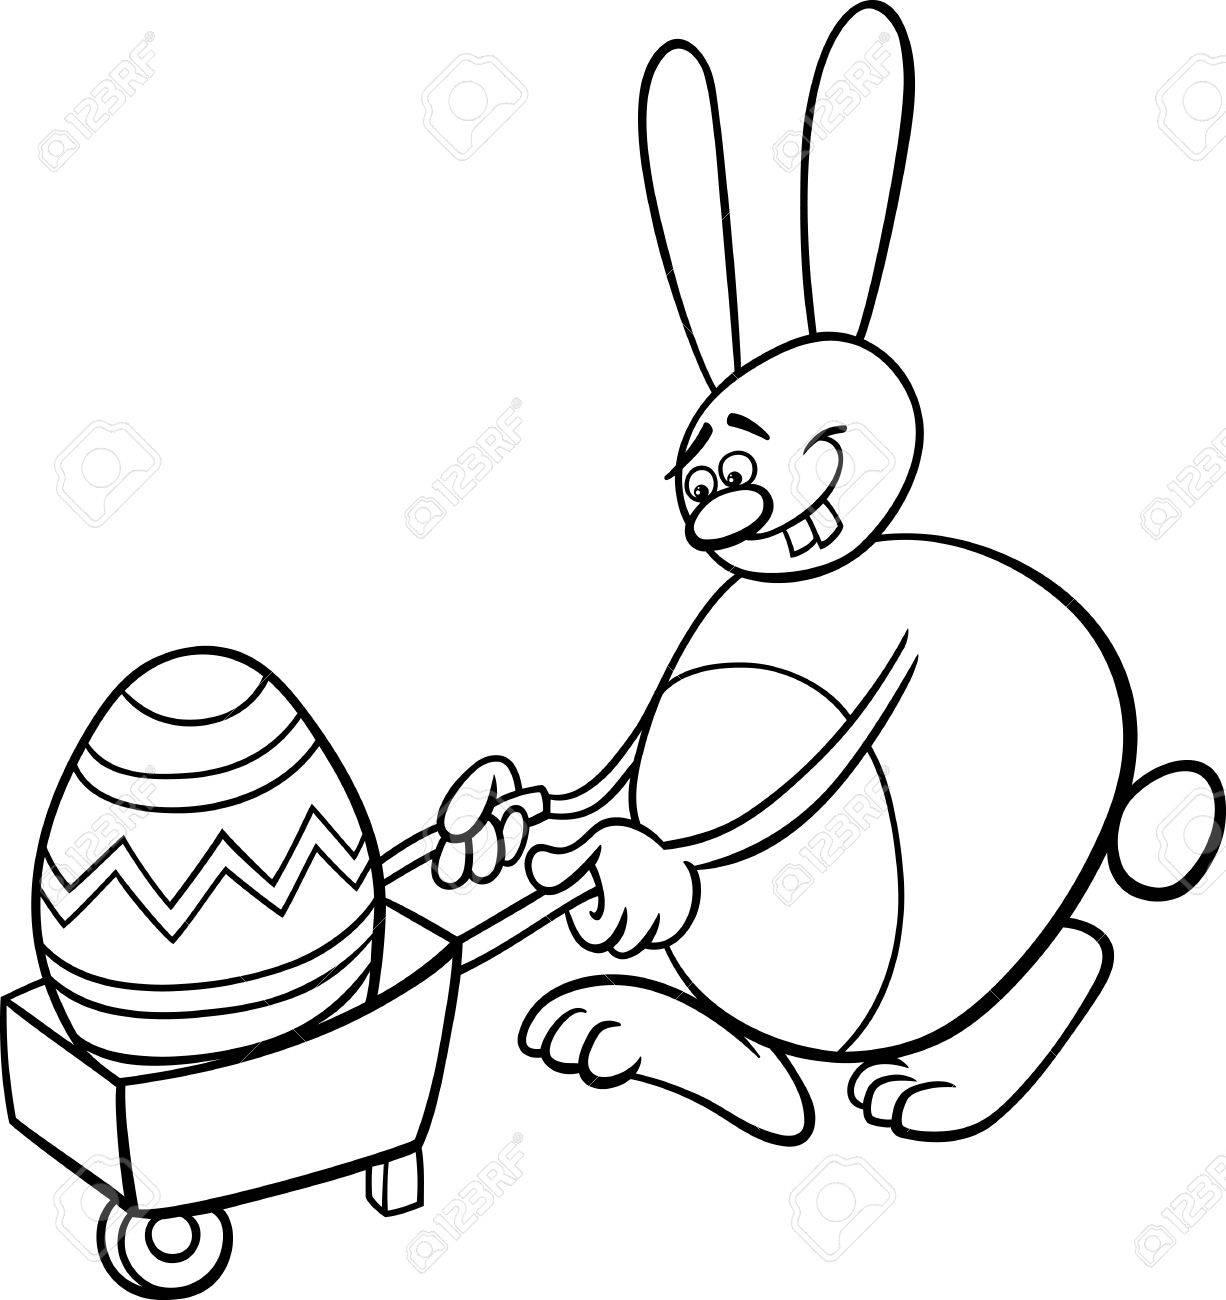 Negro Y Dibujos Animados De Blanco Ilustración De Conejo De Pascua ...